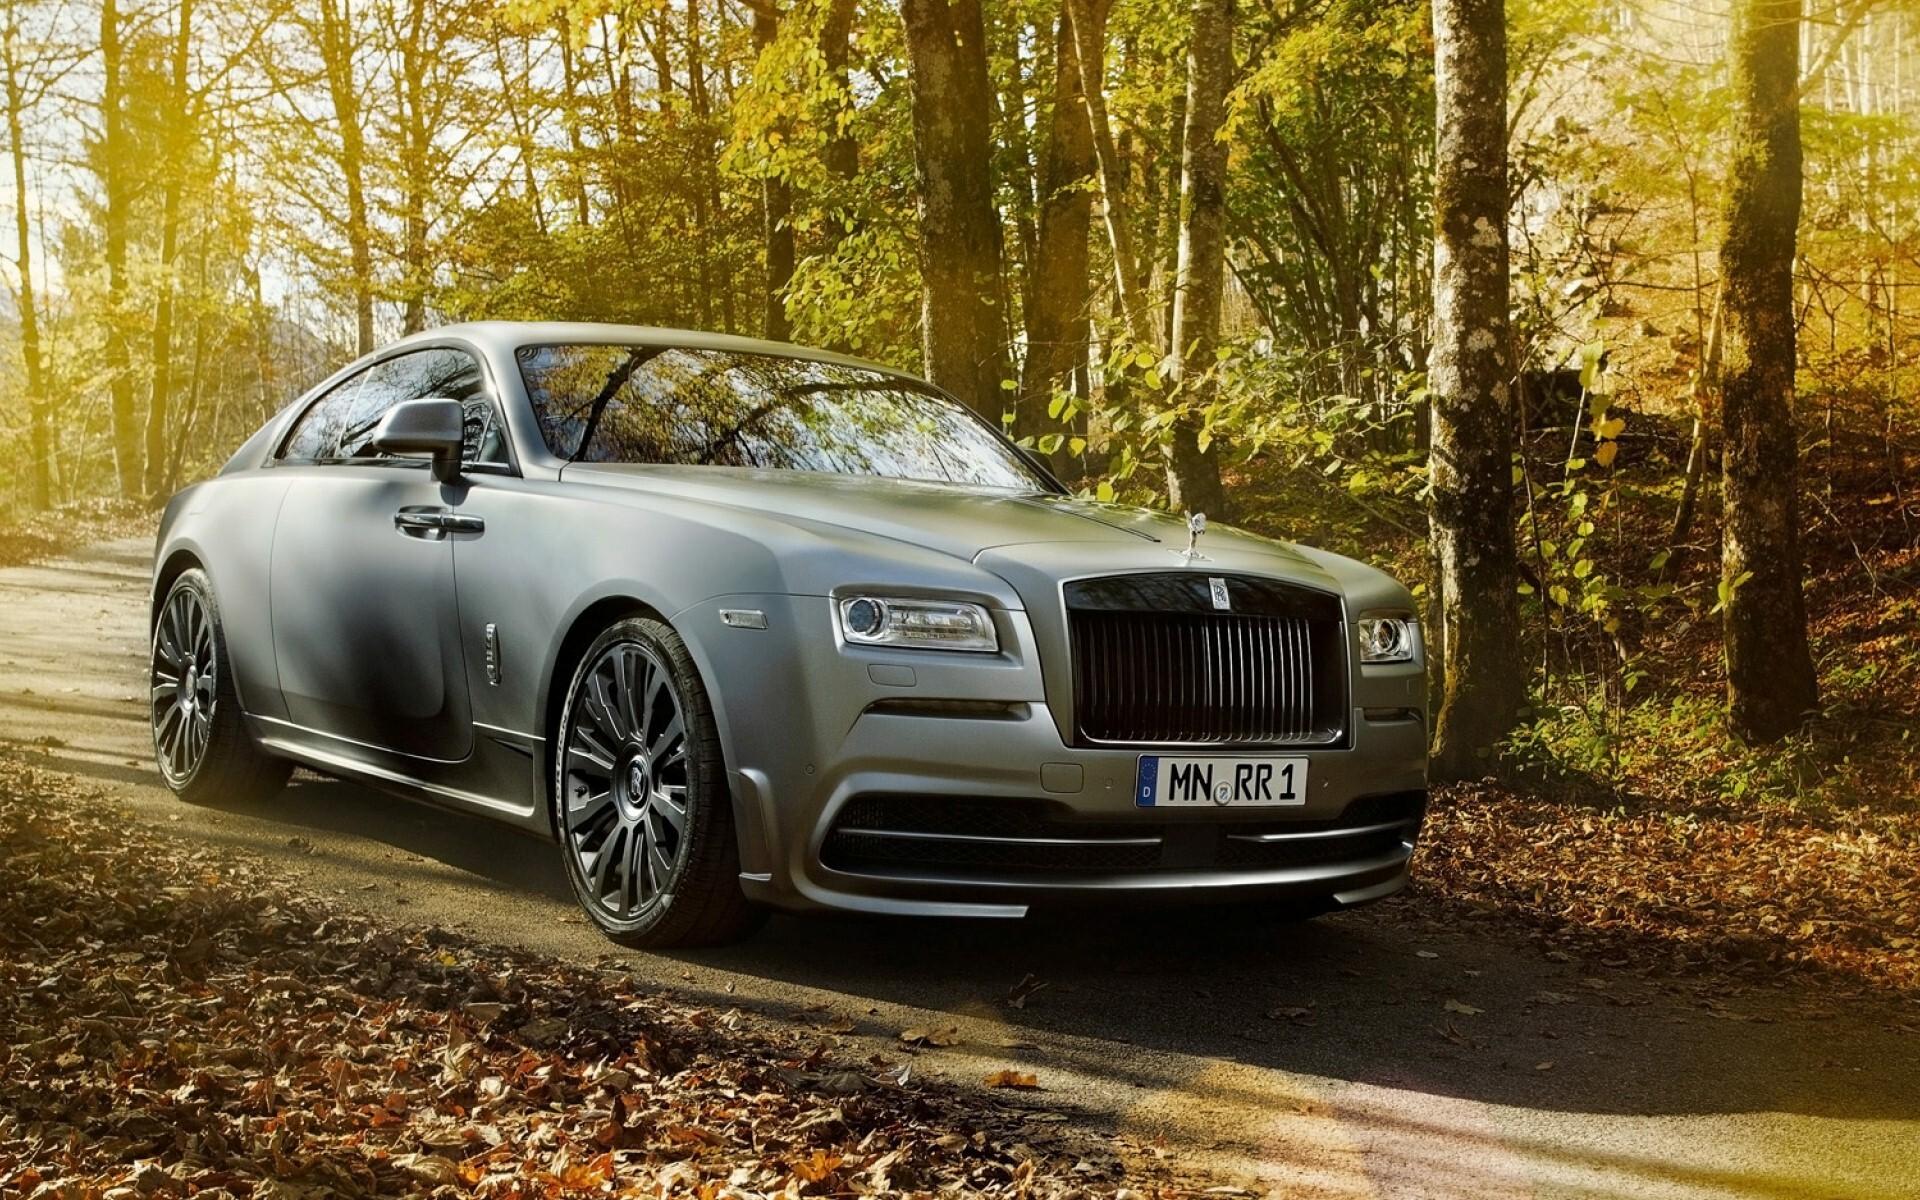 Rolls Royce Car Hd Wallpaper Hd Wallpapers